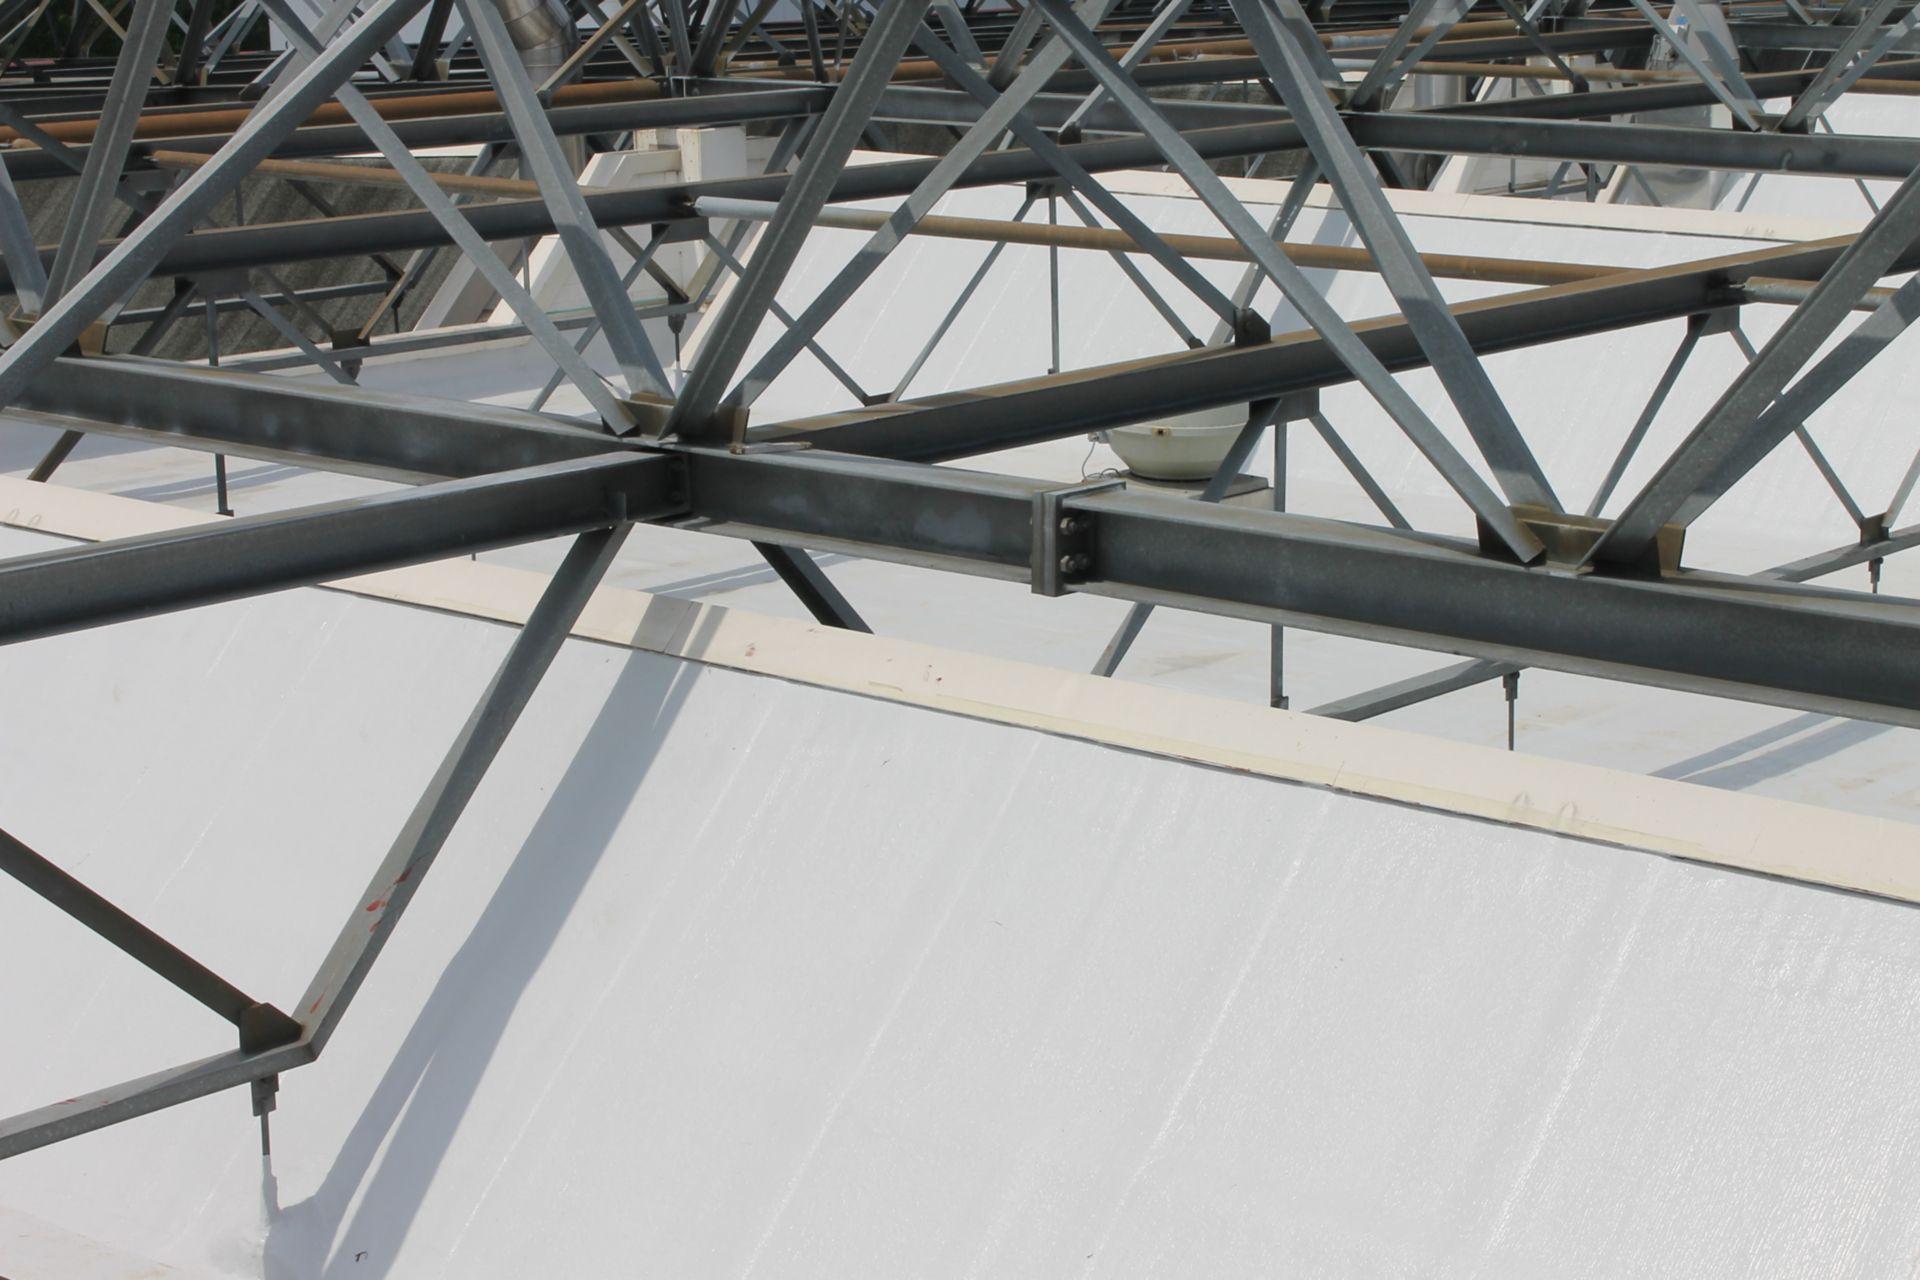 Roofing Milchwerke Bayreuth-Außenansicht